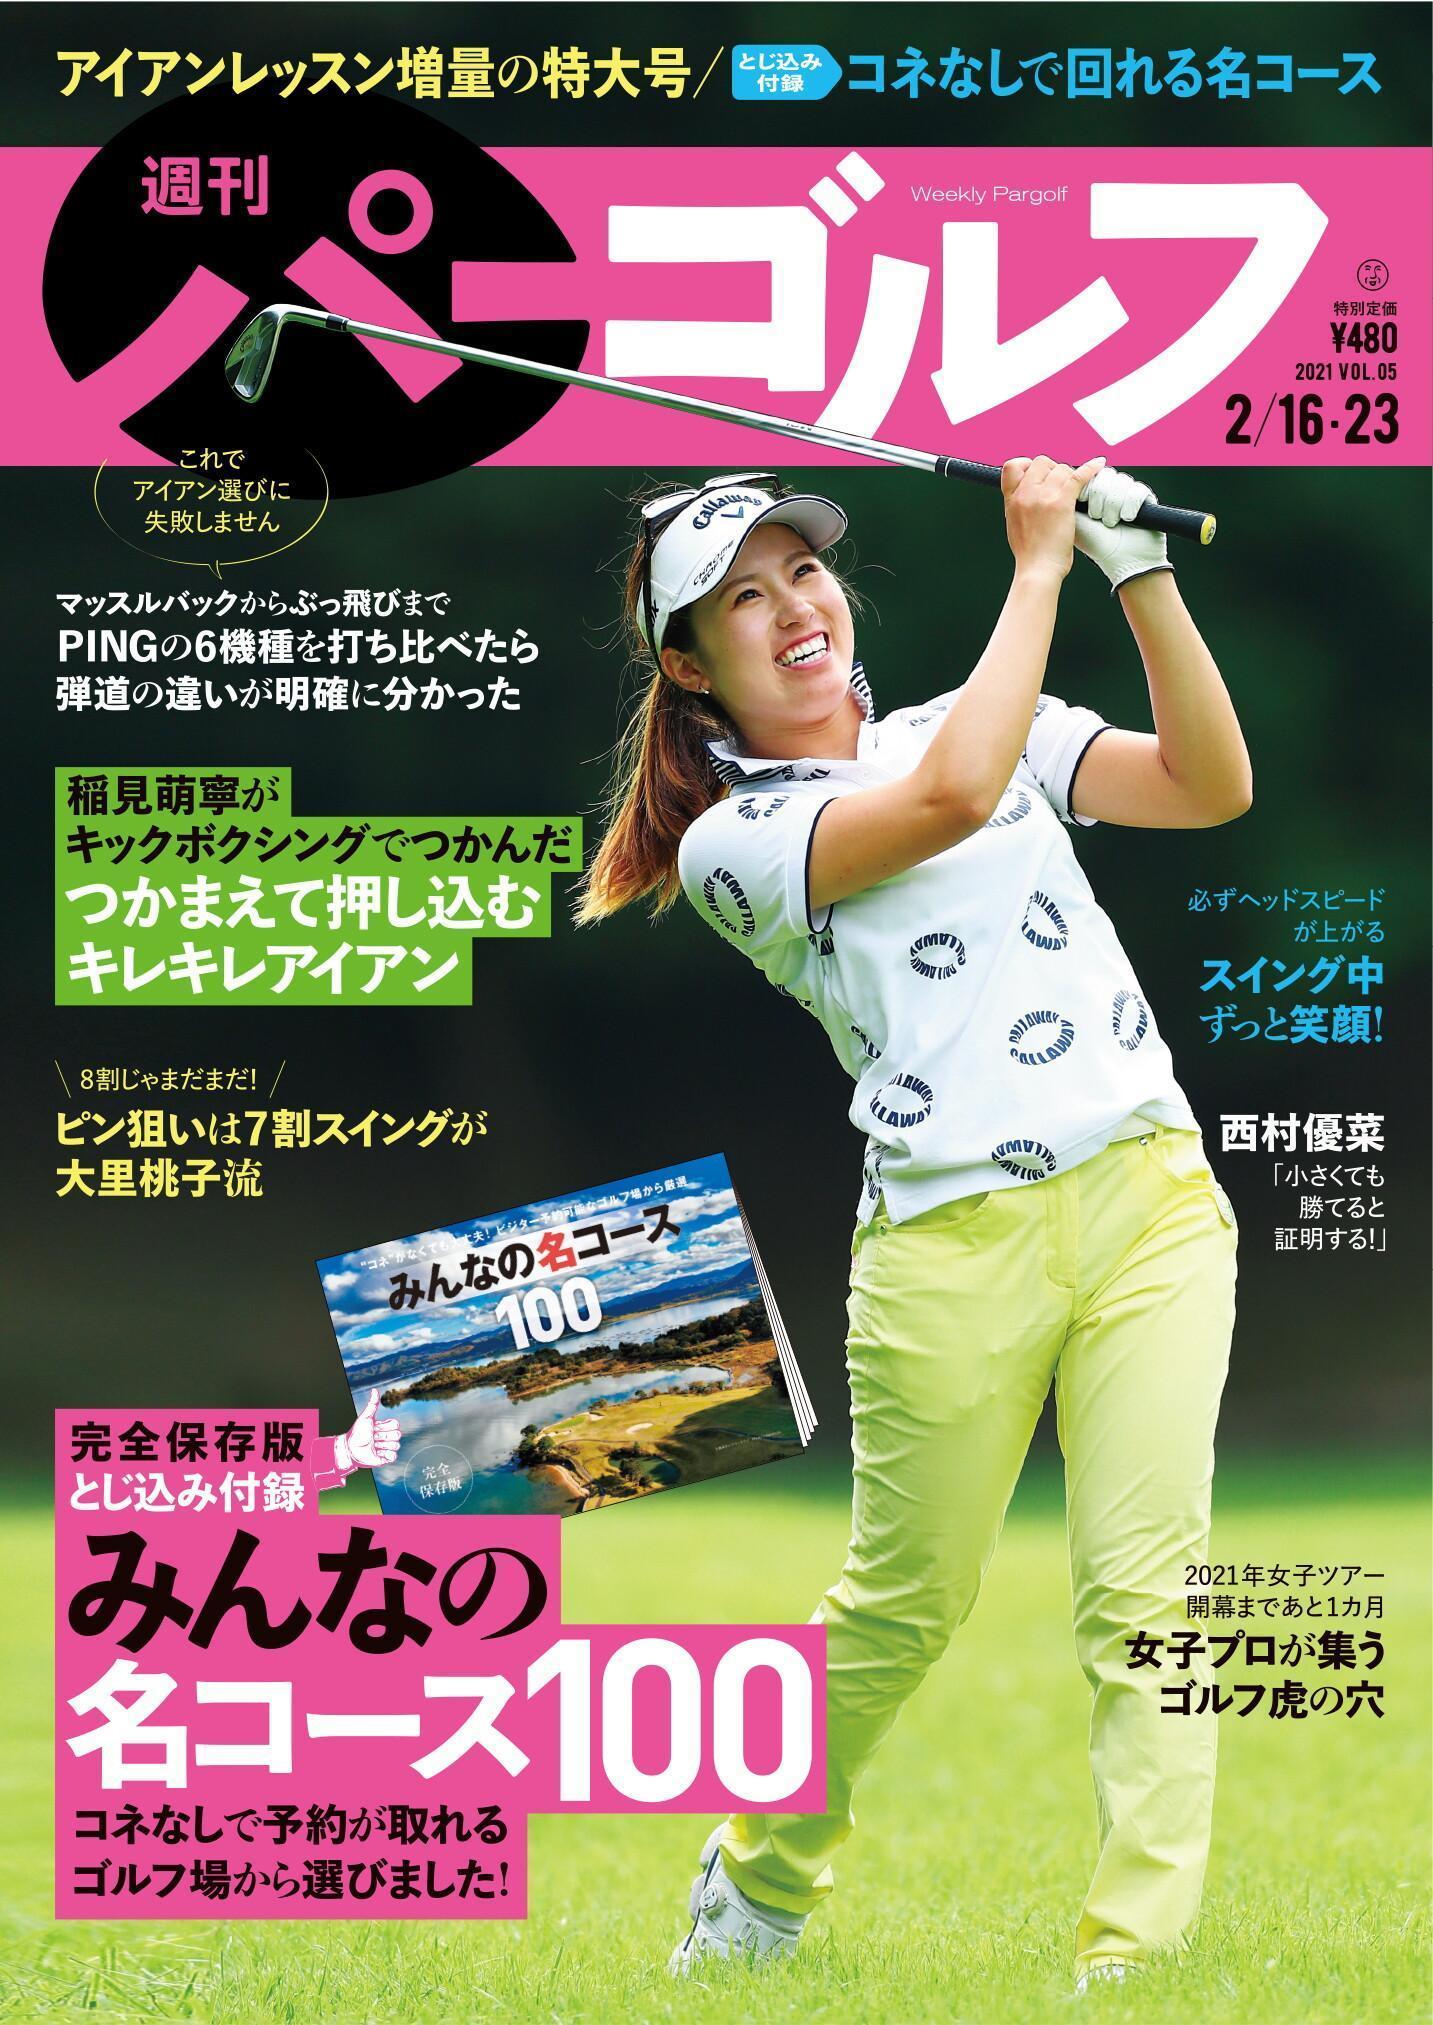 週刊パーゴルフ – 2月16, 2021